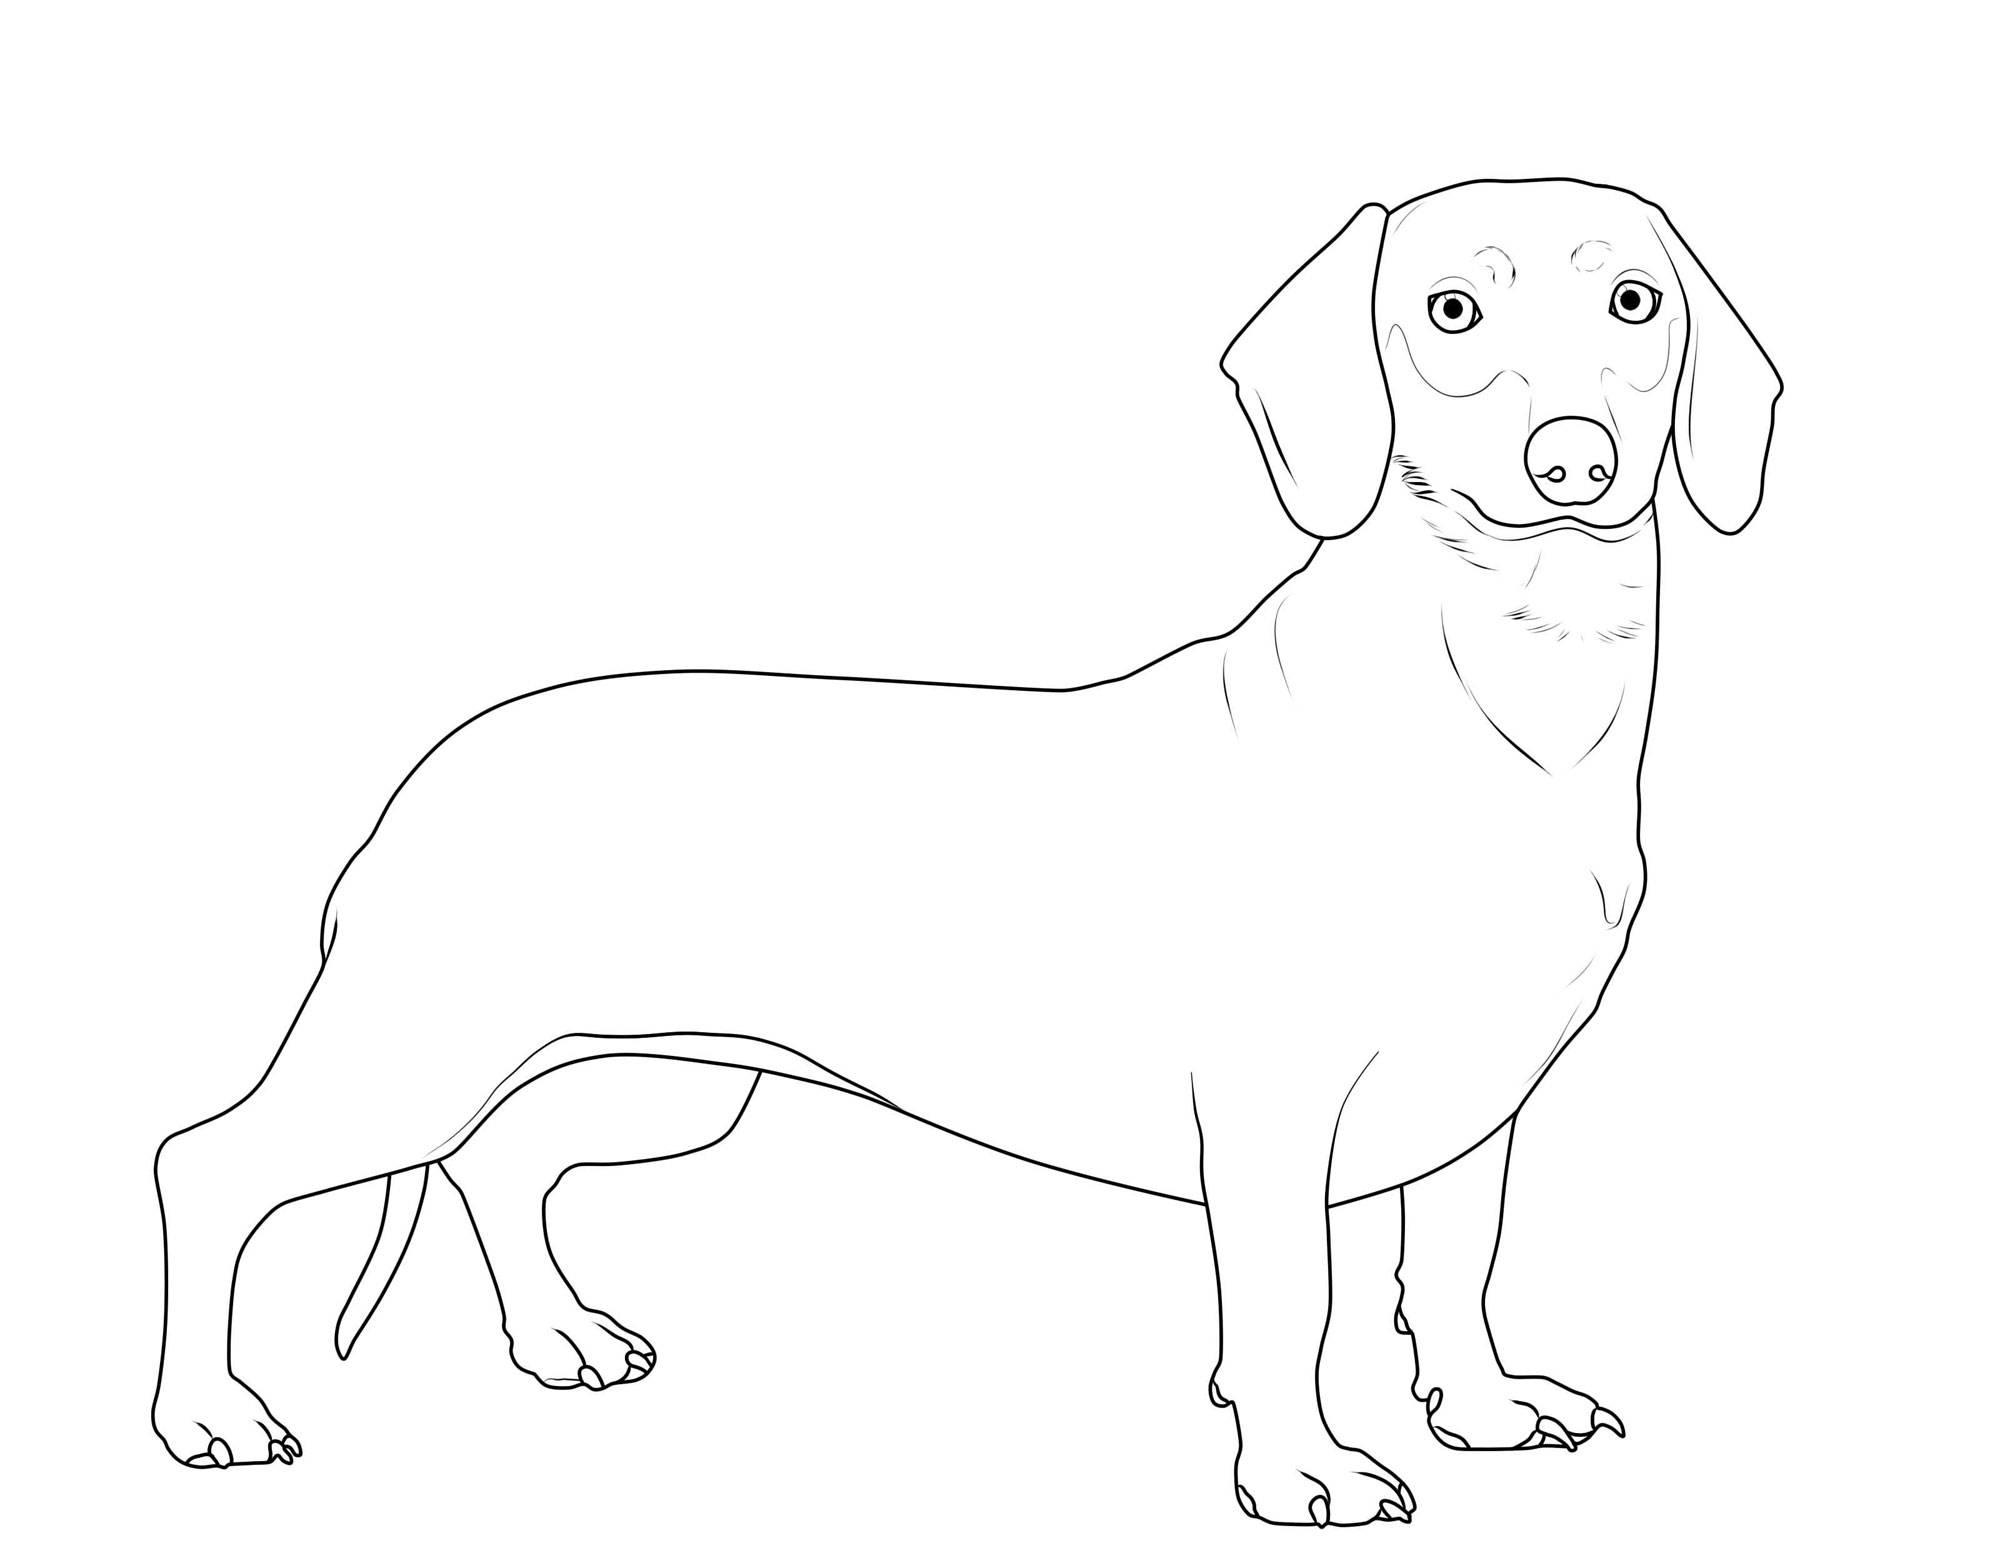 Gratis Ausmalbilder Hunde : Erfreut Malvorlagen Kostenlos Hunde Ideen Malvorlagen Von Tieren